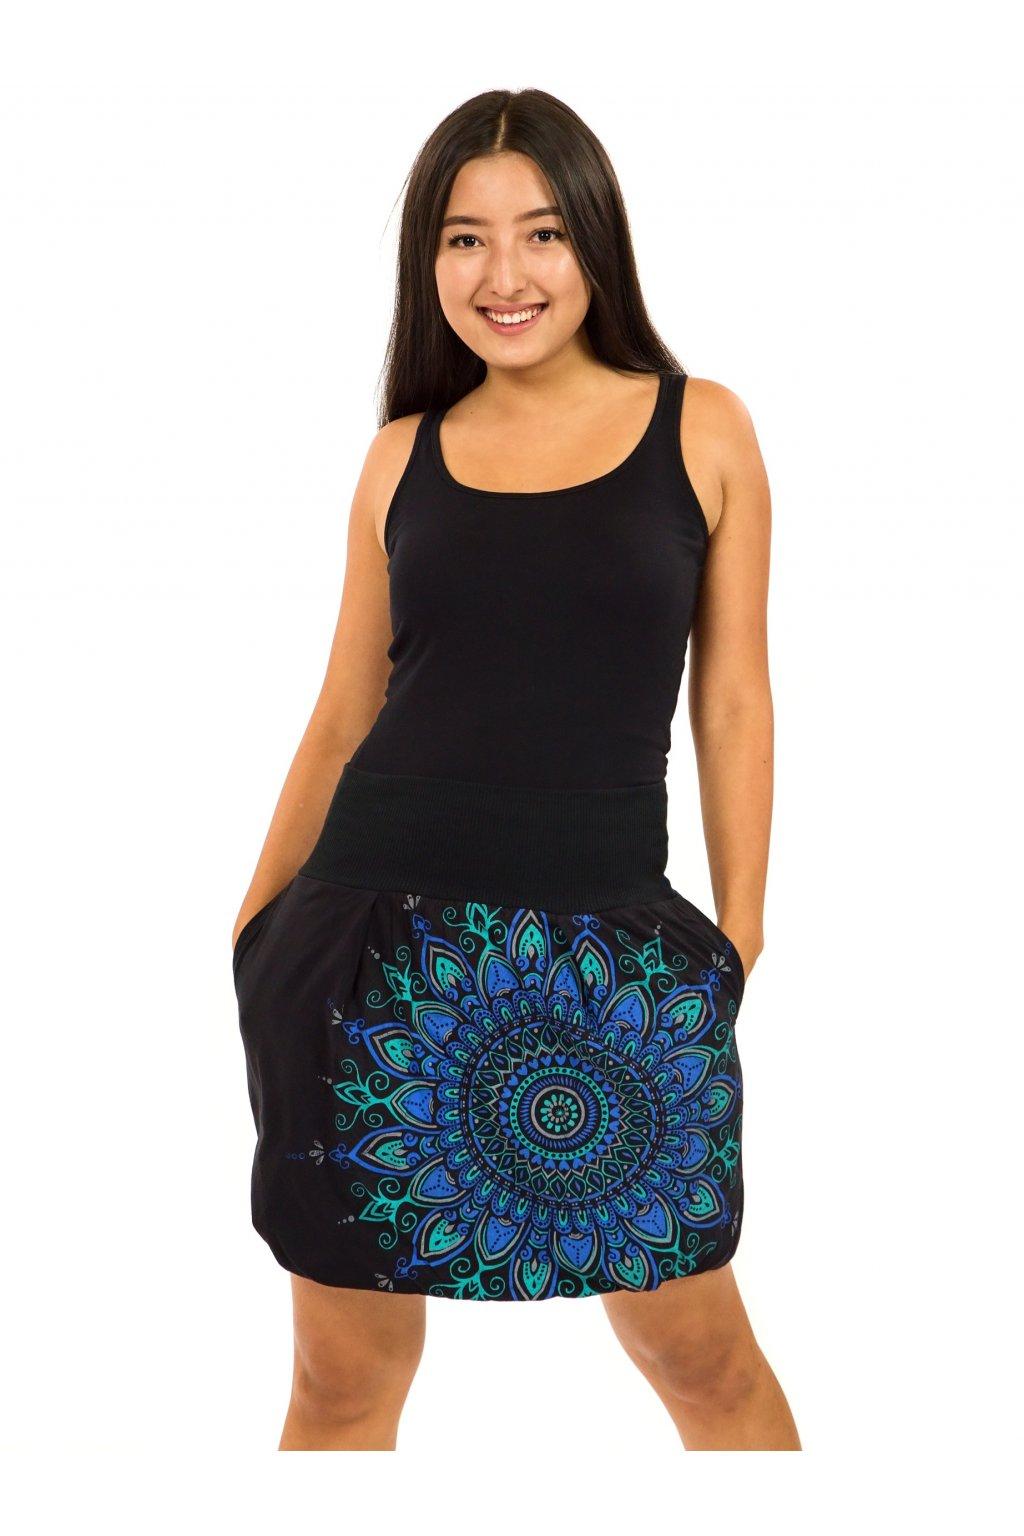 Balonová sukně Mokulea - černá s tyrkysovou a modrou